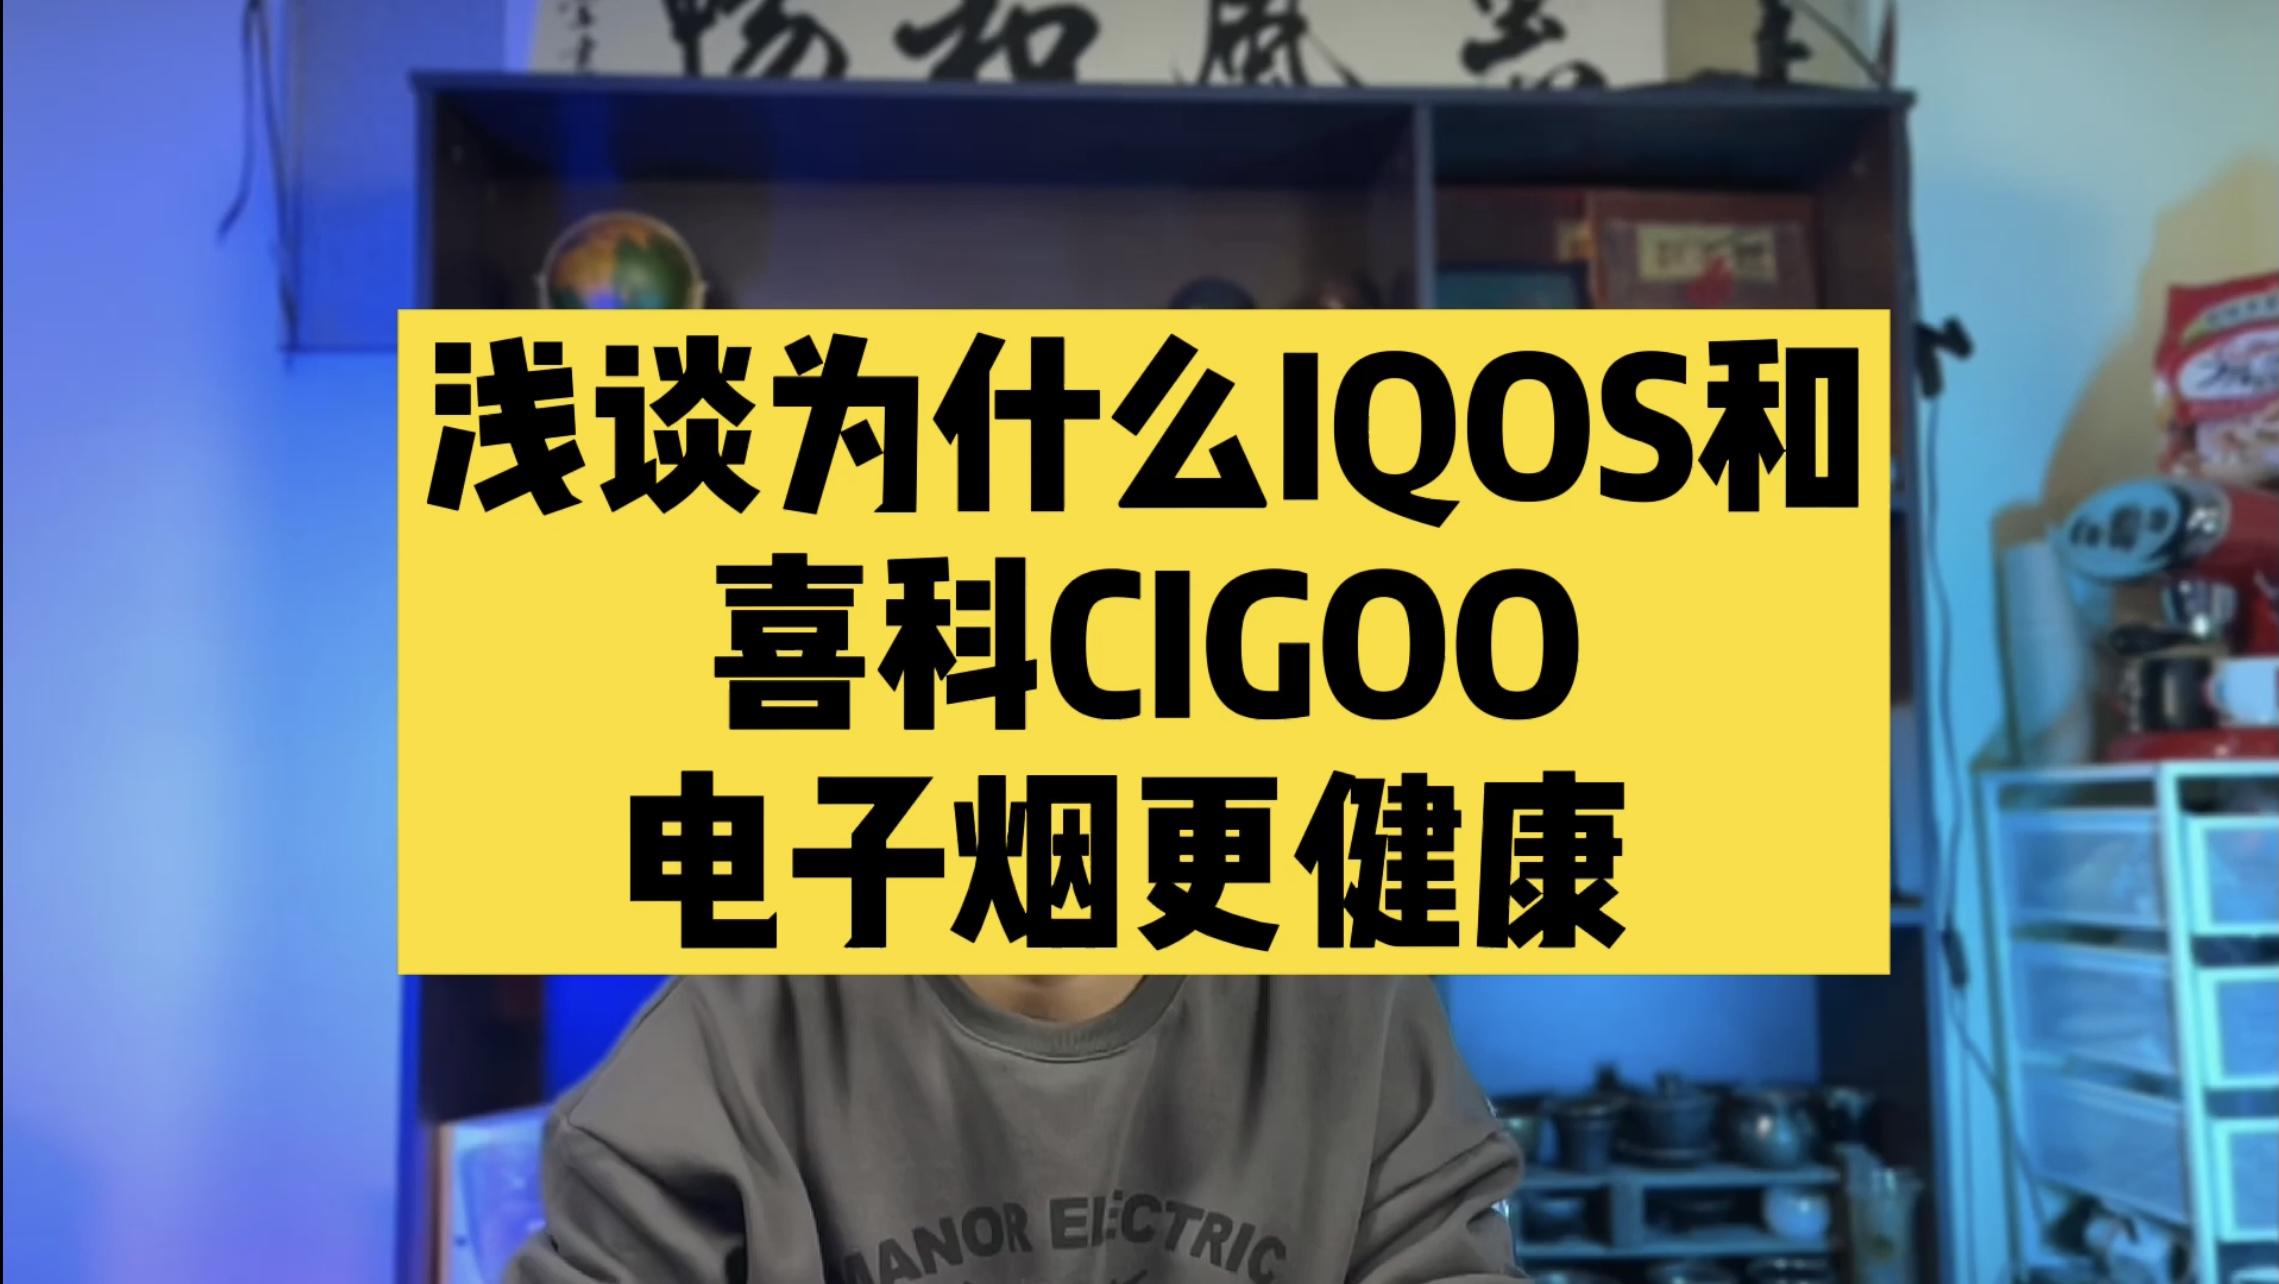 浅谈为什么IQOS和喜科CIGOO电子烟更健康